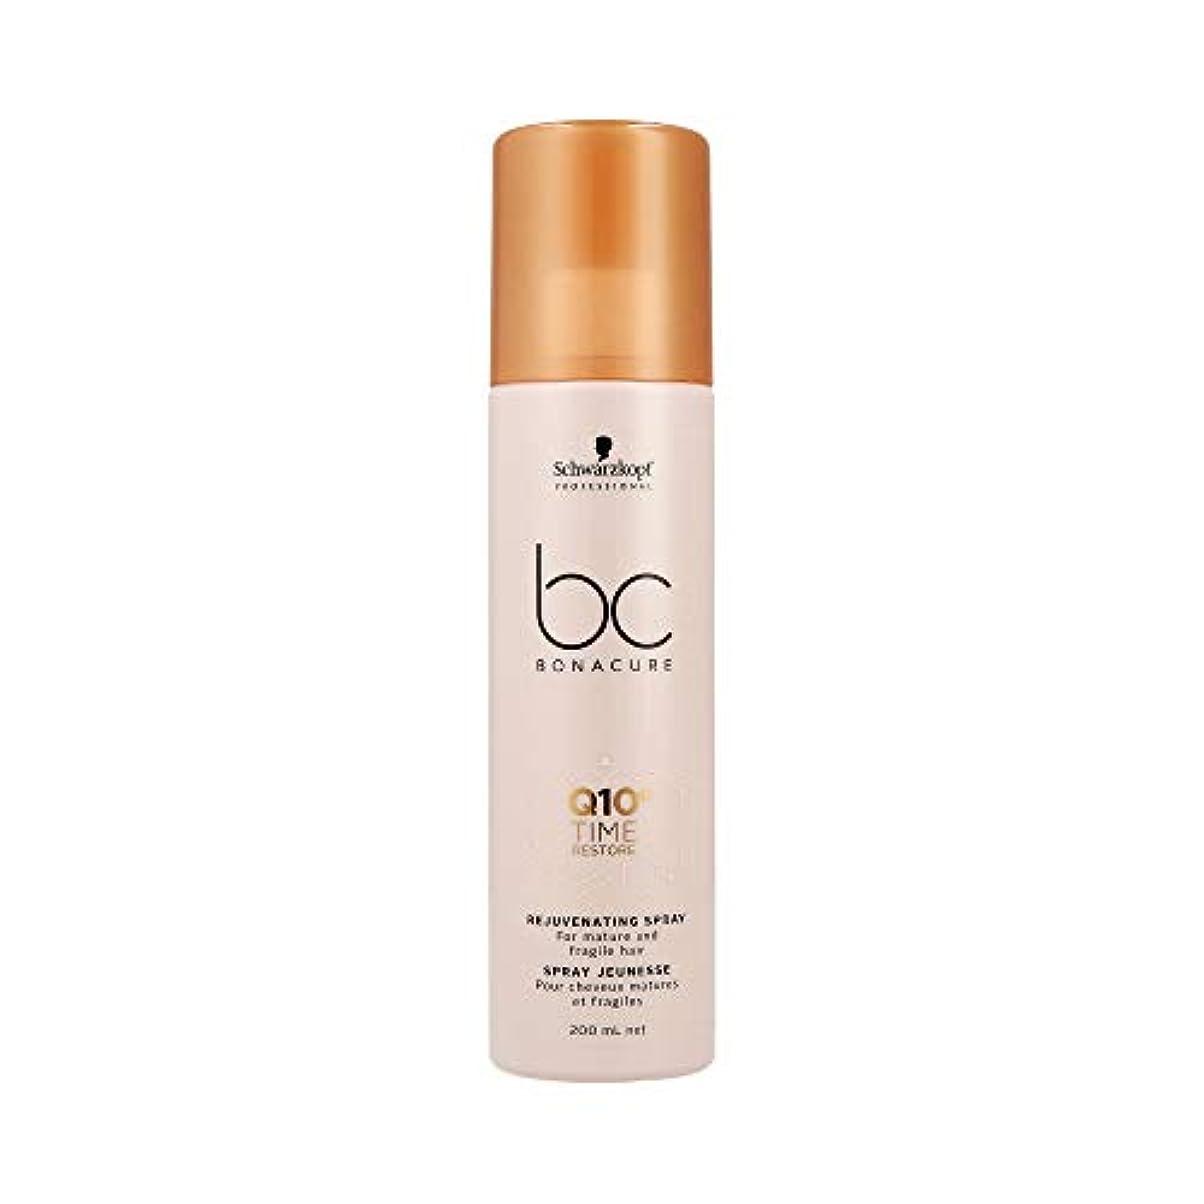 背骨電化するリベラルシュワルツコフ BC Q10+ タイム リストア リジュヴェネイティング スプレー Schwarzkopf BC Bonacure Q10+ Time Restore Rejuvenating Spray For Mature...